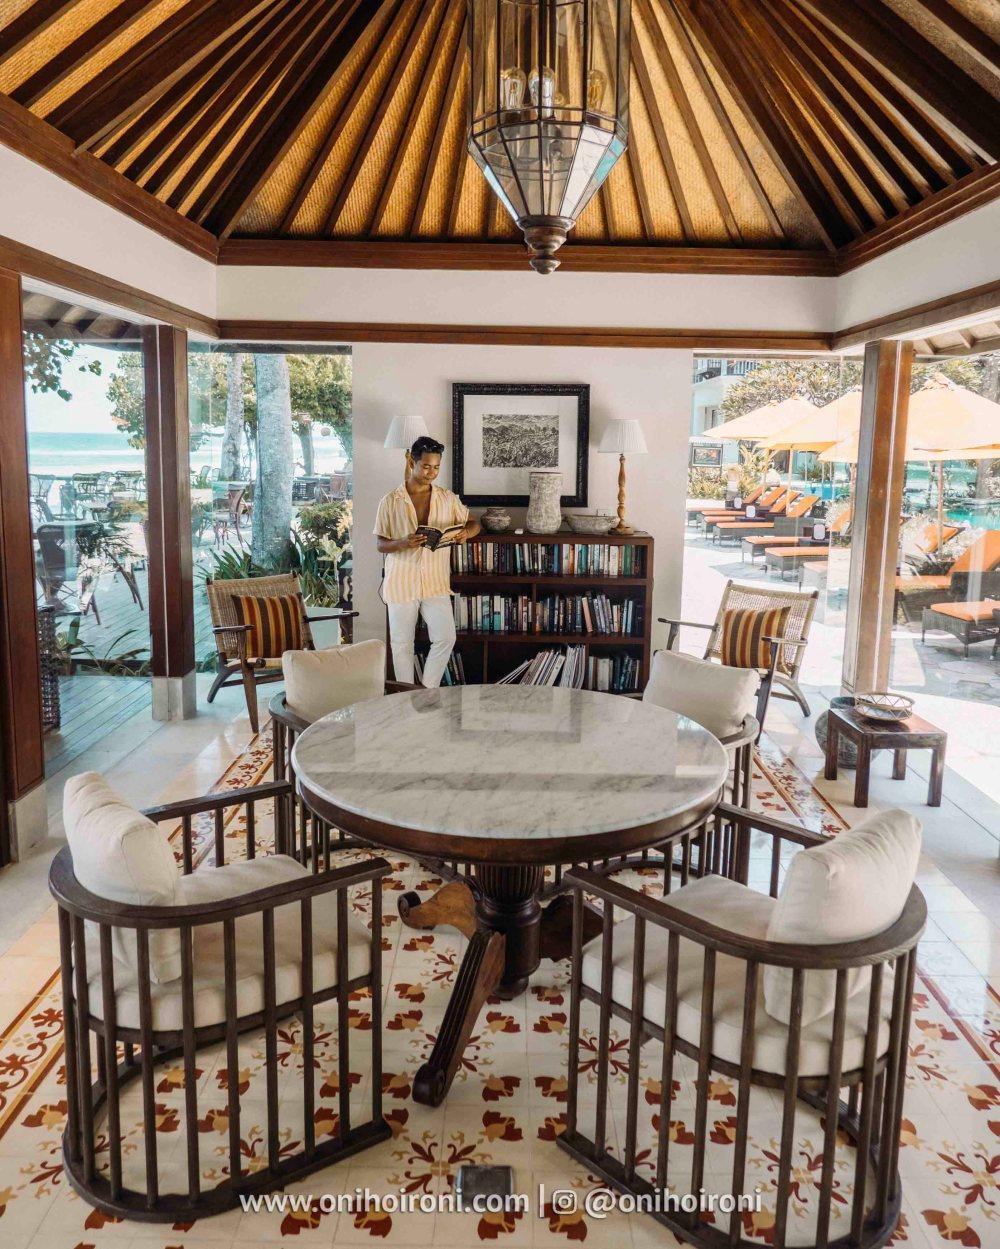 library Sudamala Suites & Villas Senggigi, Lombok.jpg